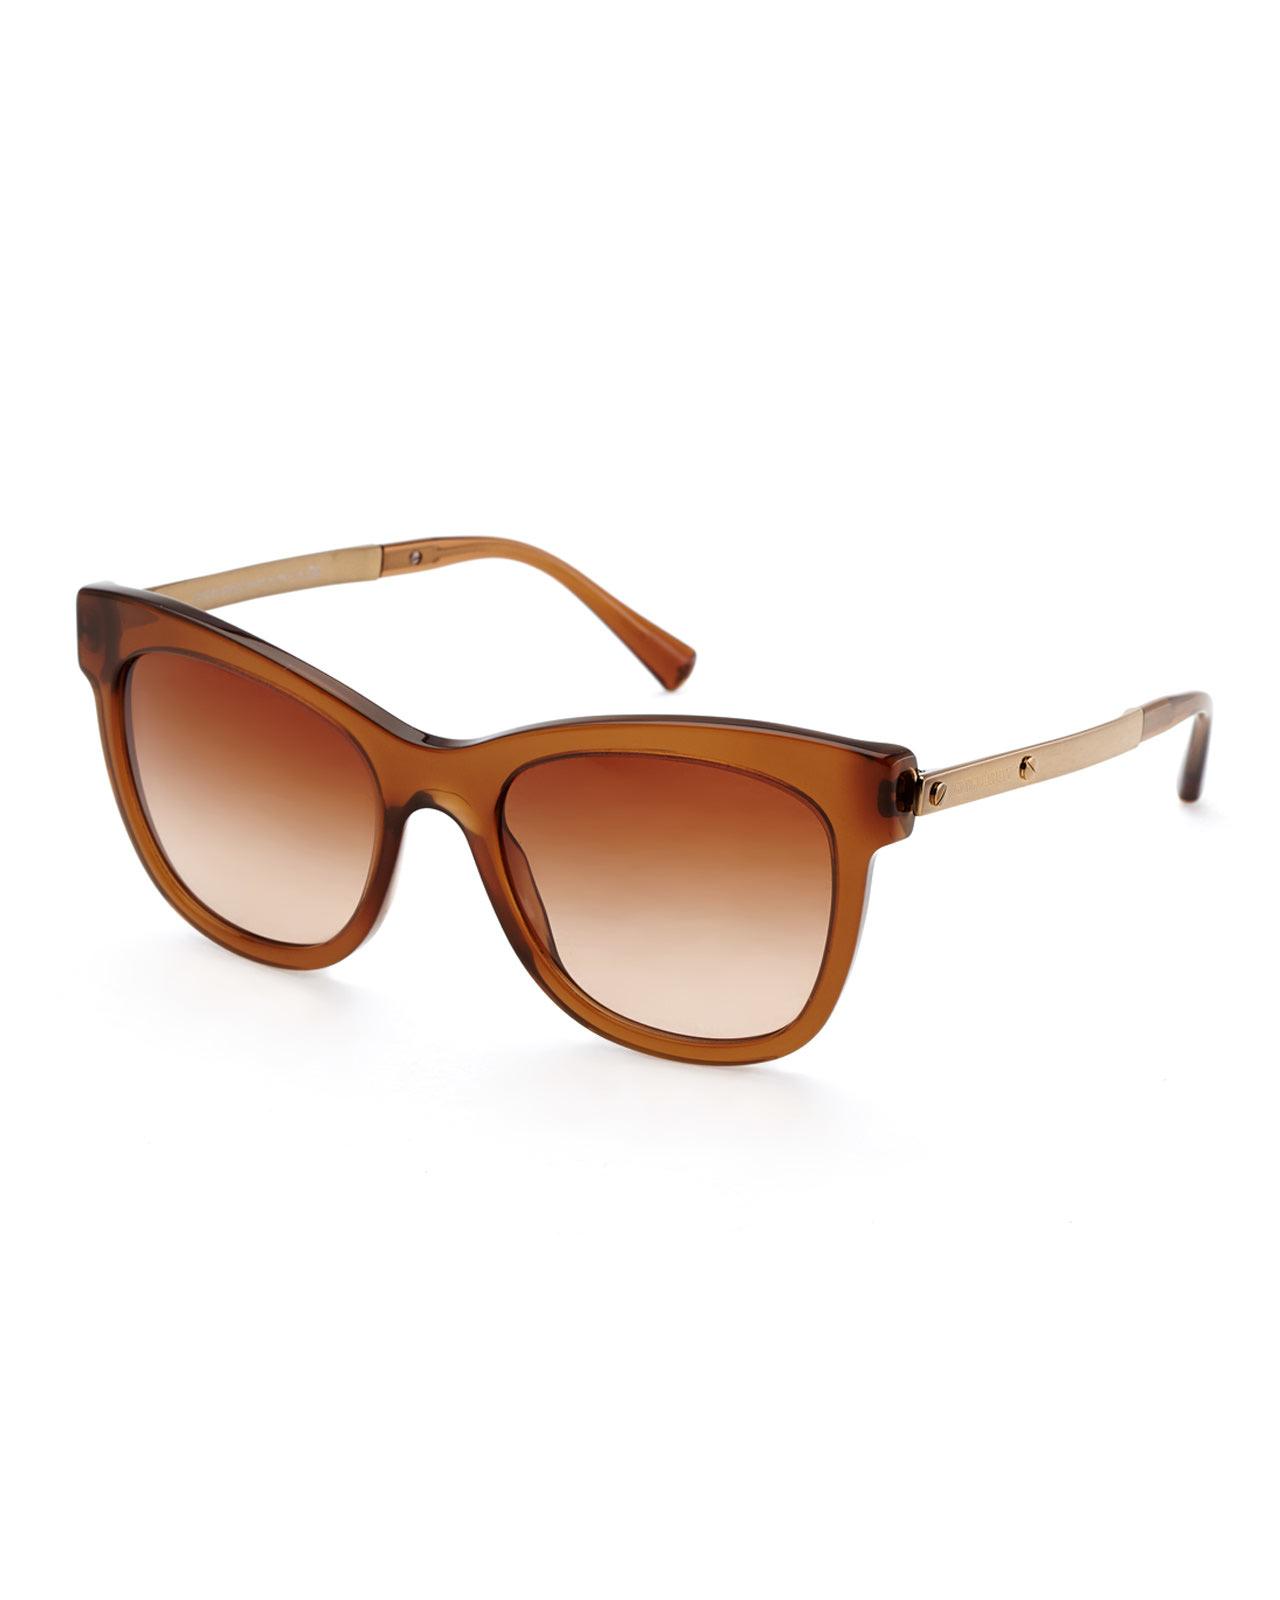 Armani Gold Frame Sunglasses : Giorgio armani Ar8011 Brown & Gold-Tone Cat Eye Sunglasses ...